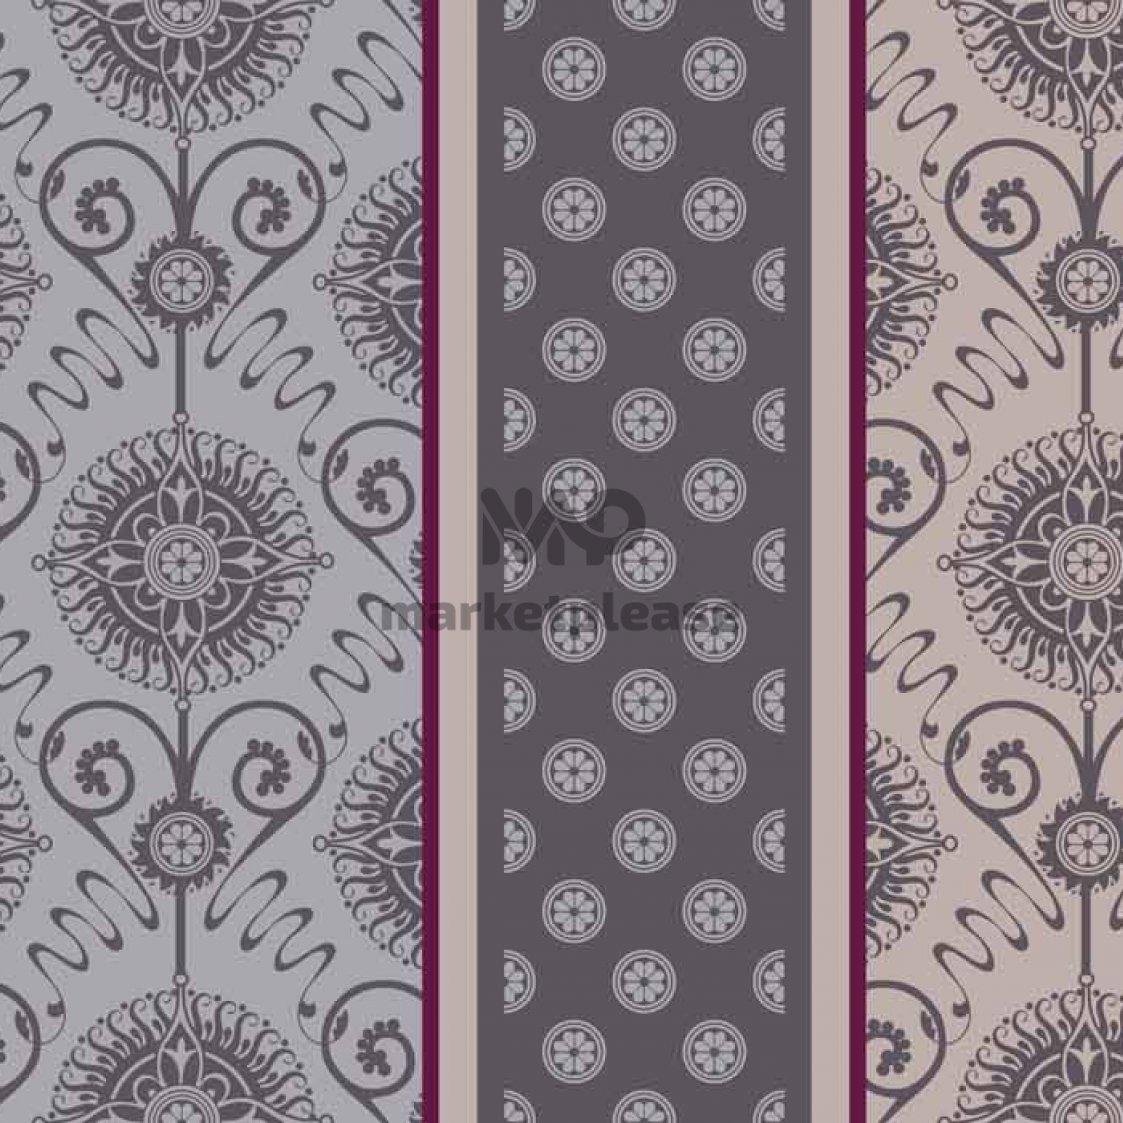 """Рулон ткани бязь """"1731 вид4"""" 150 см."""